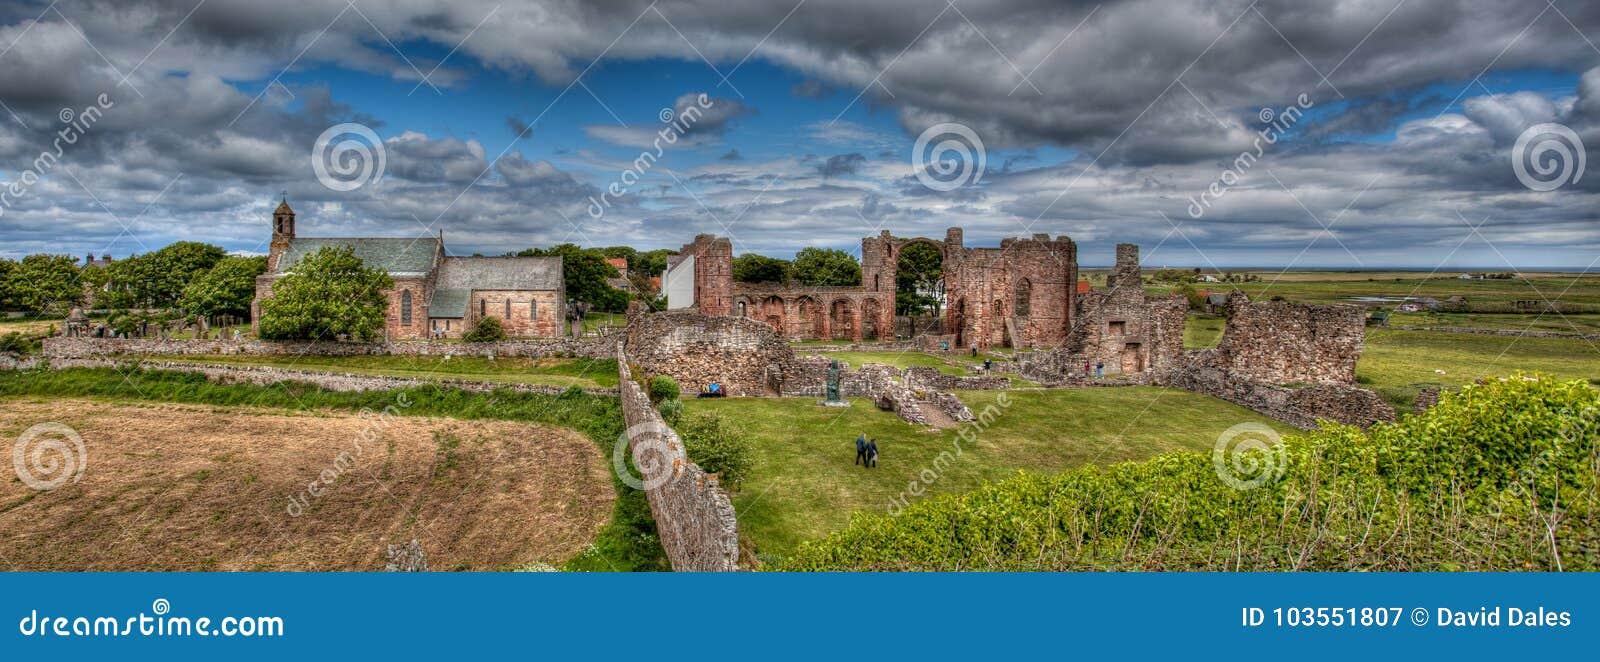 Heilige Insel Northumberland, Großbritannien Lindisfarne